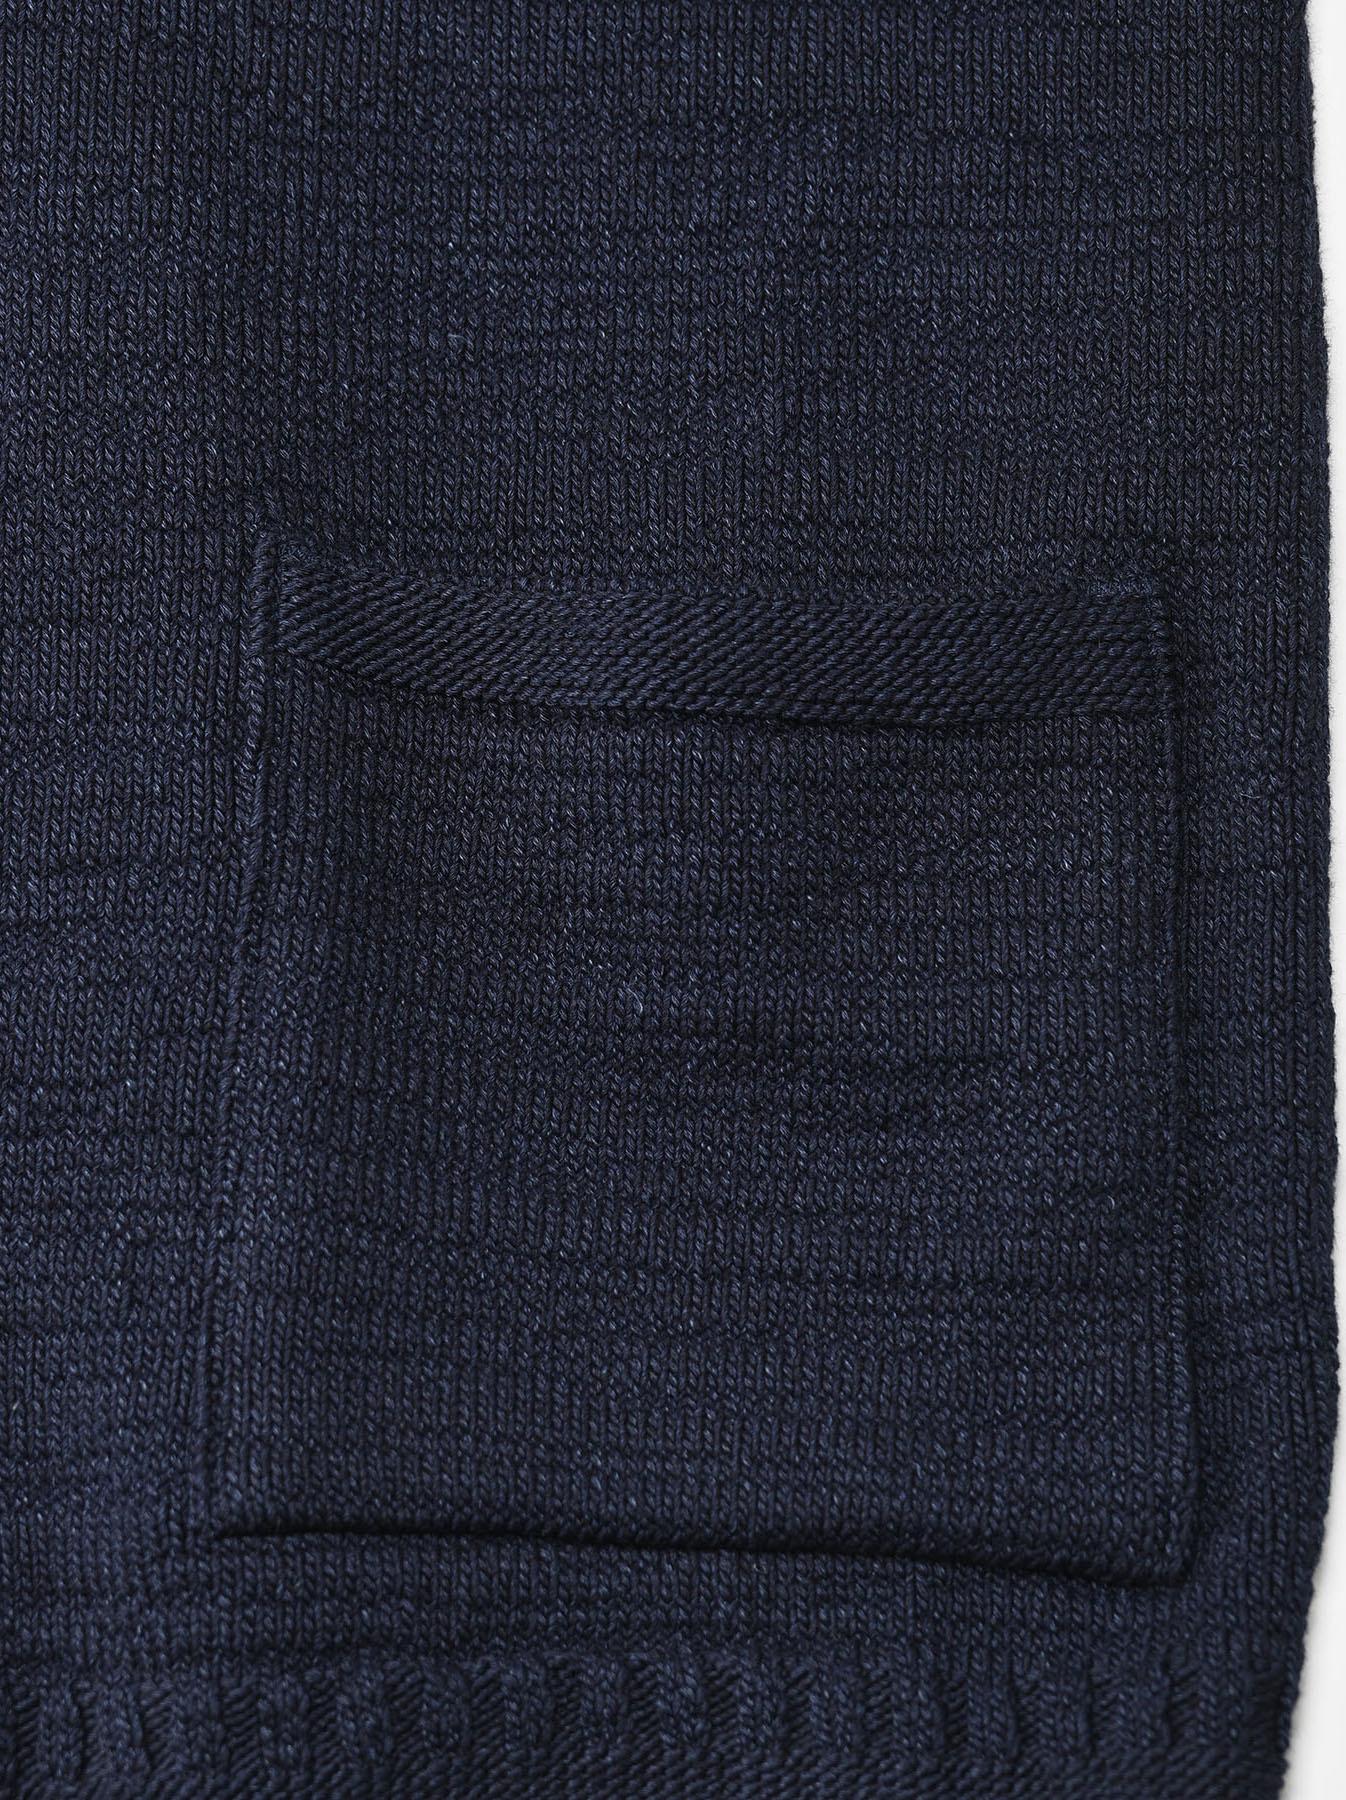 Indigo Stretch Knit Shawl Collar 908 Blouson-11